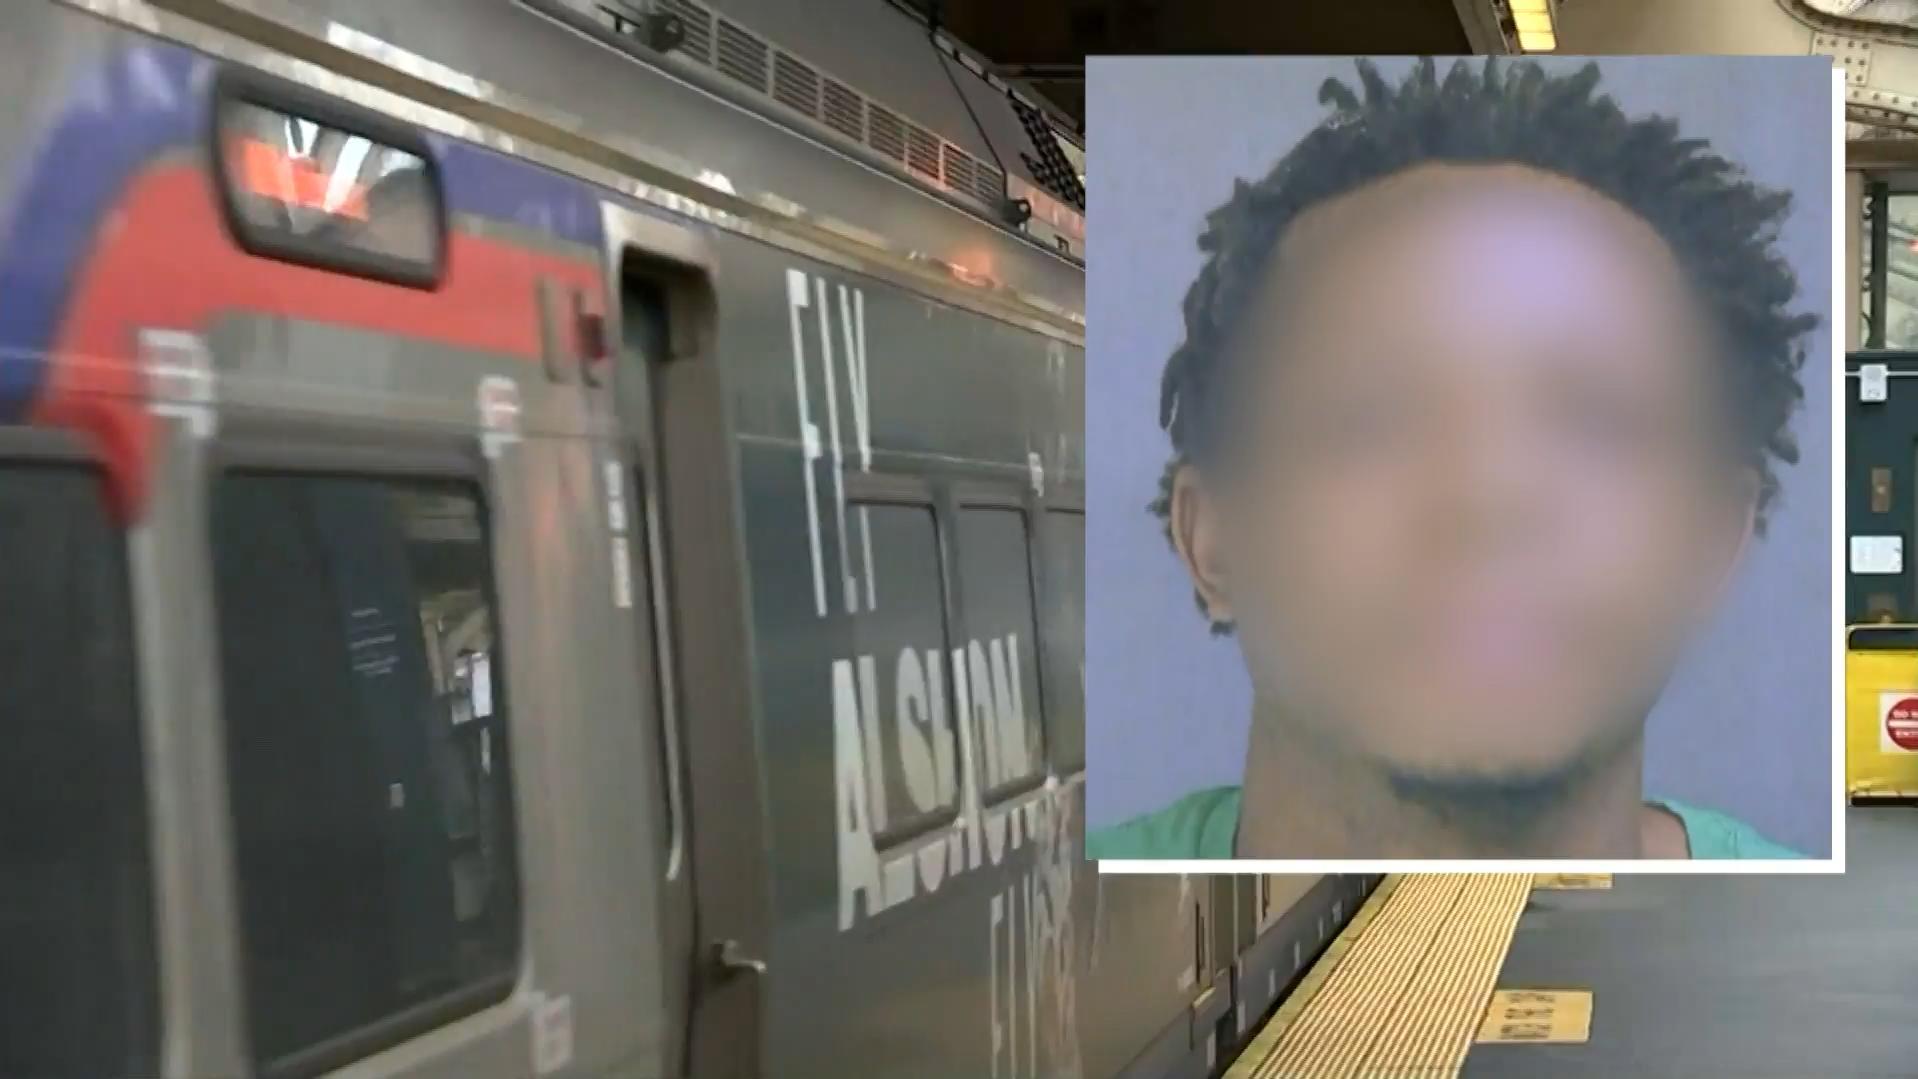 Philadelphia: Frau im Zug vergewaltigt - Passagiere sollen mit dem Handy draufgehalten haben